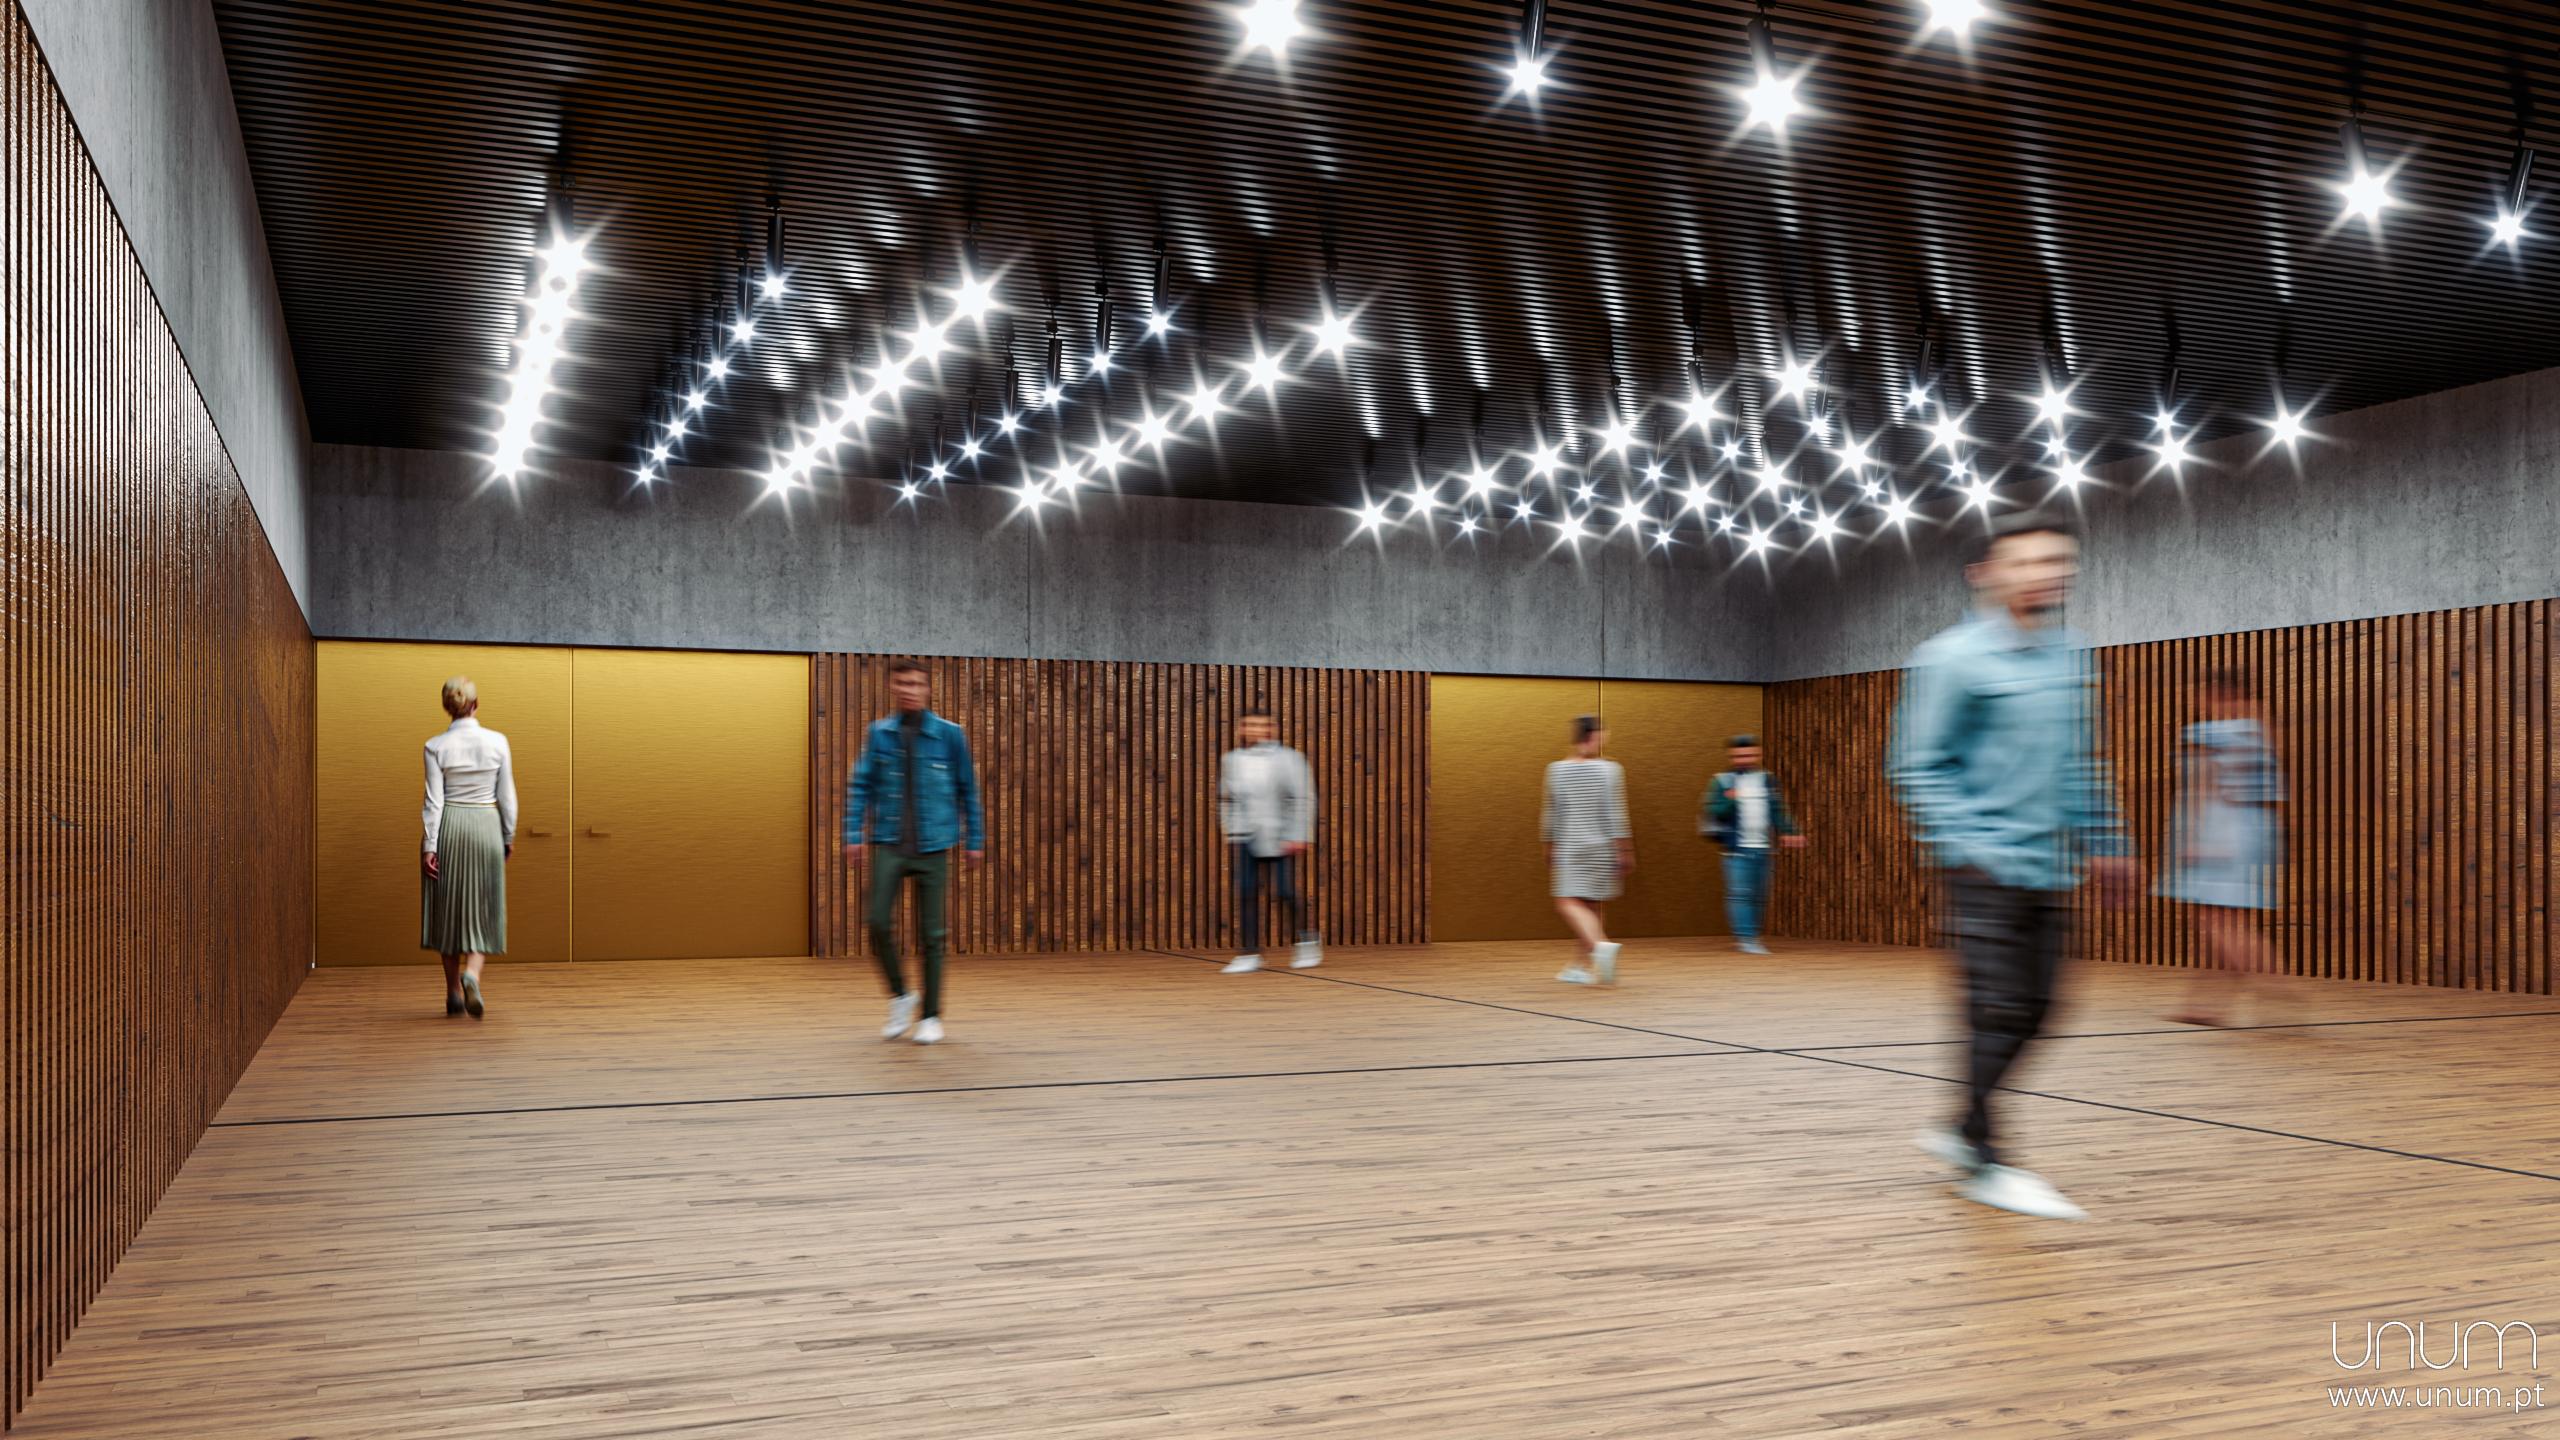 render 1 meeting room